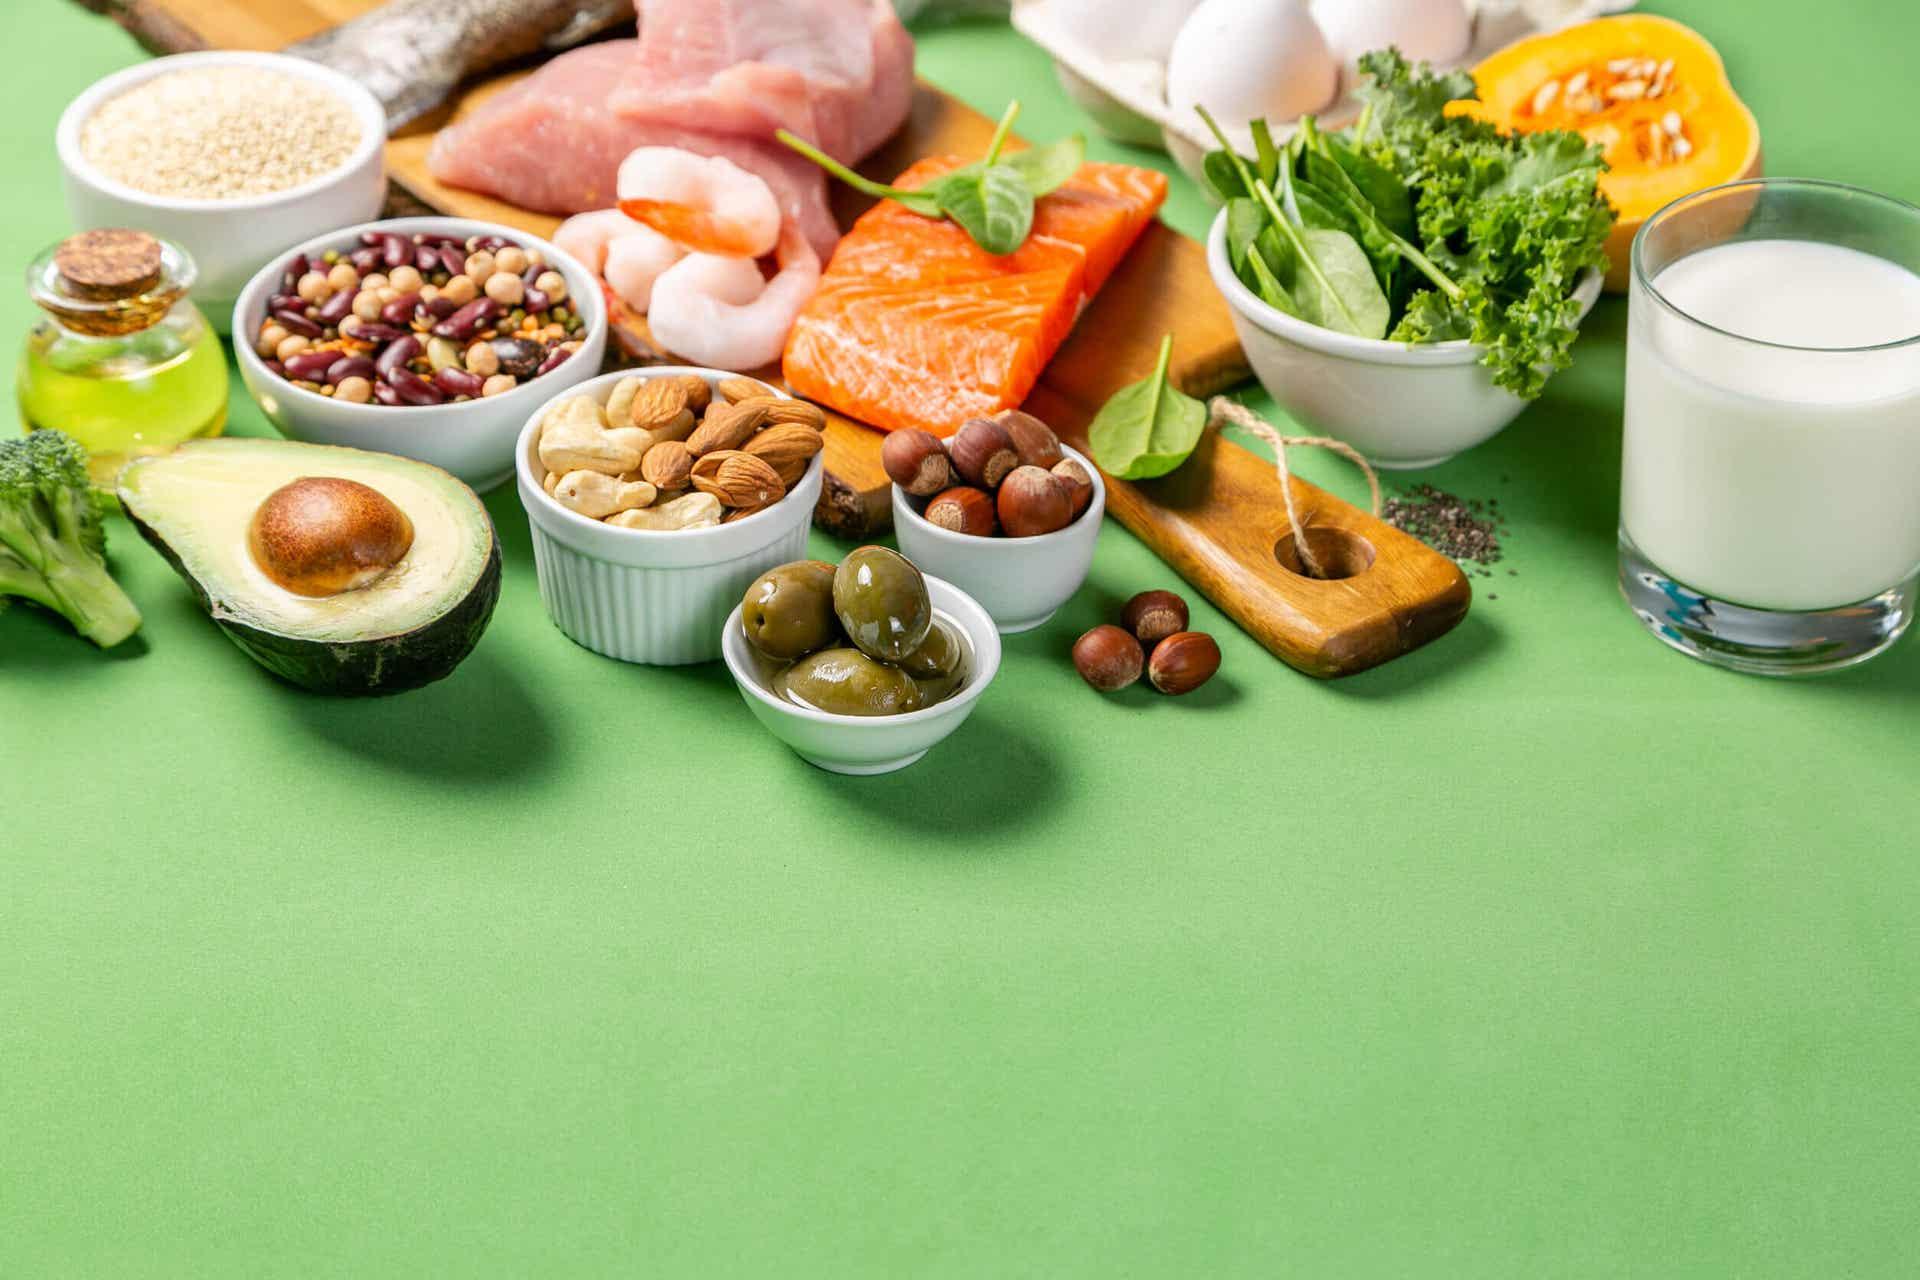 Las alergias frecuentes en niños incluyen las alimentarias o dietéticas